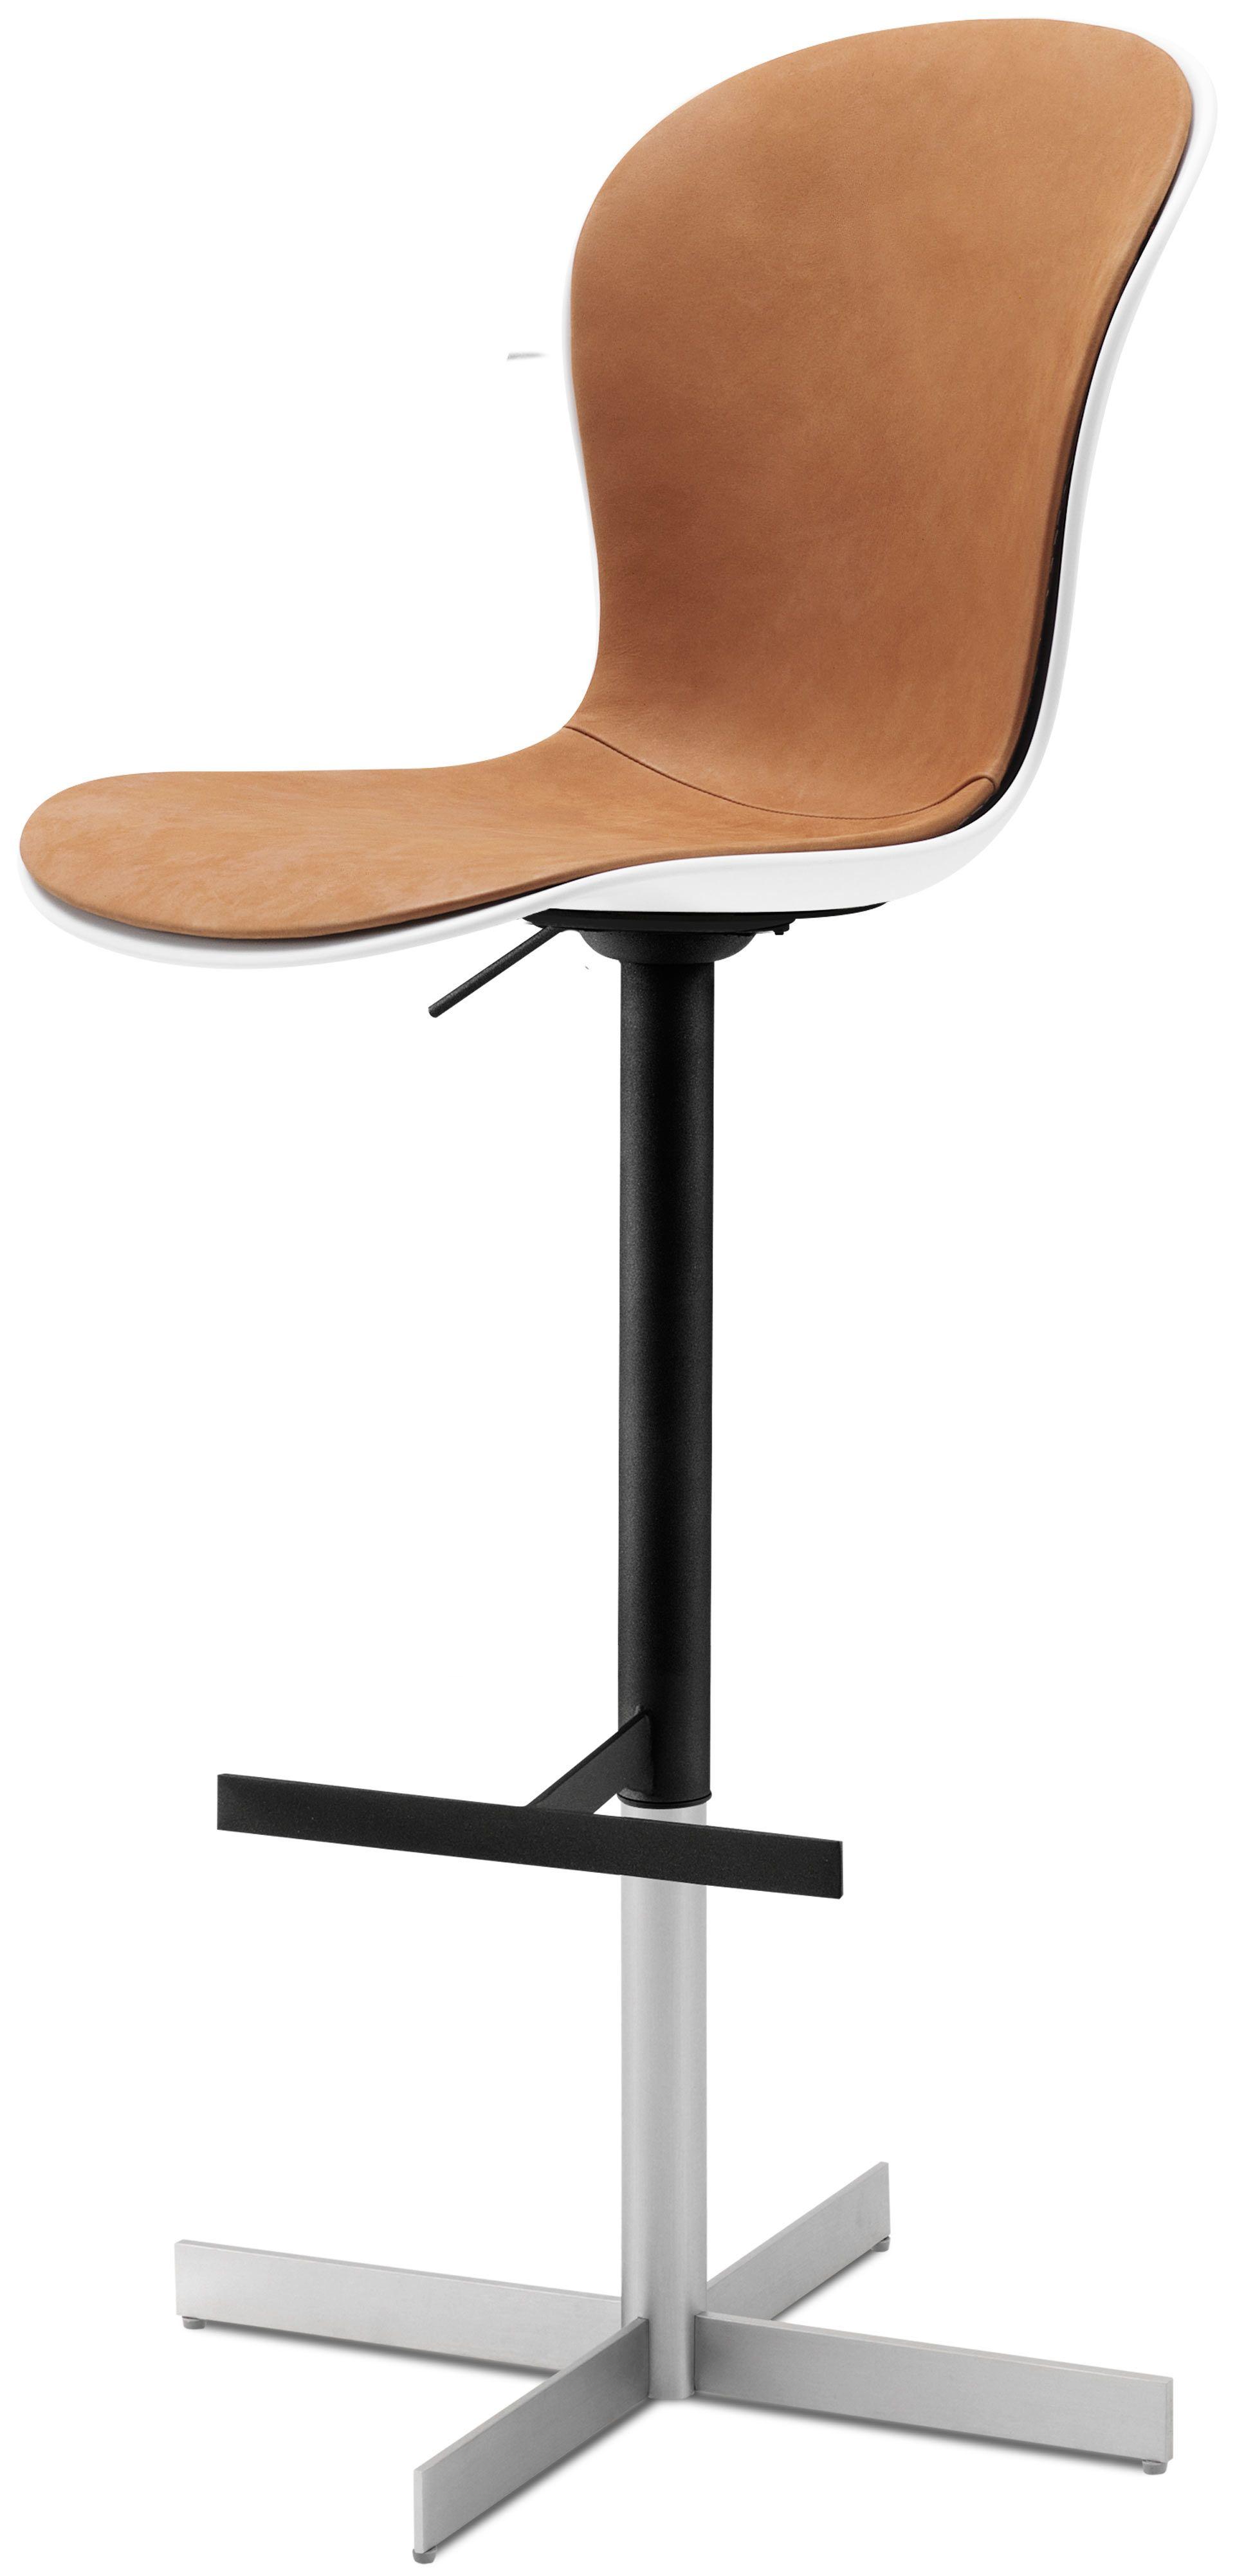 Chaises De Bar Design Pour Votre Interieur Boconcept Tabouret De Bar Chaise De Bar Design Chaise Bar